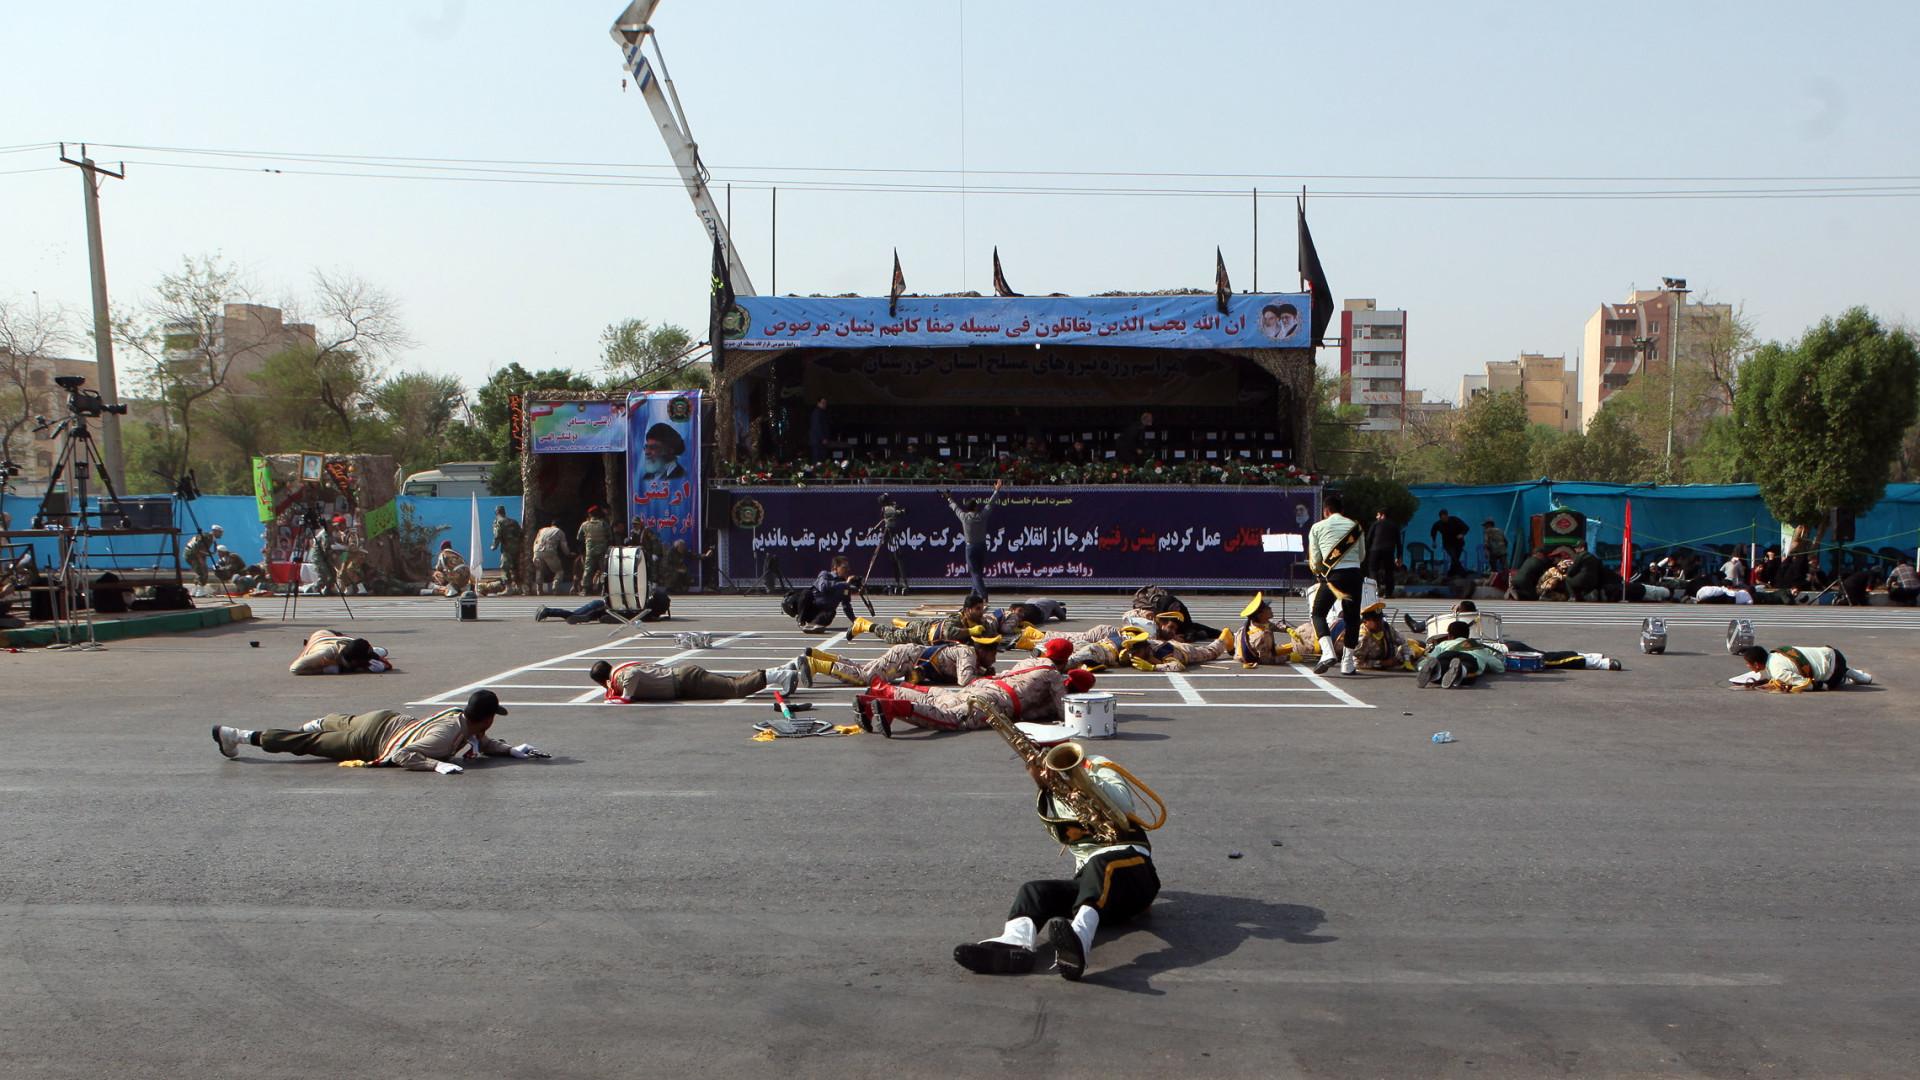 Irão convoca diplomatas europeus depois de ataque terrorista em Ahvaz